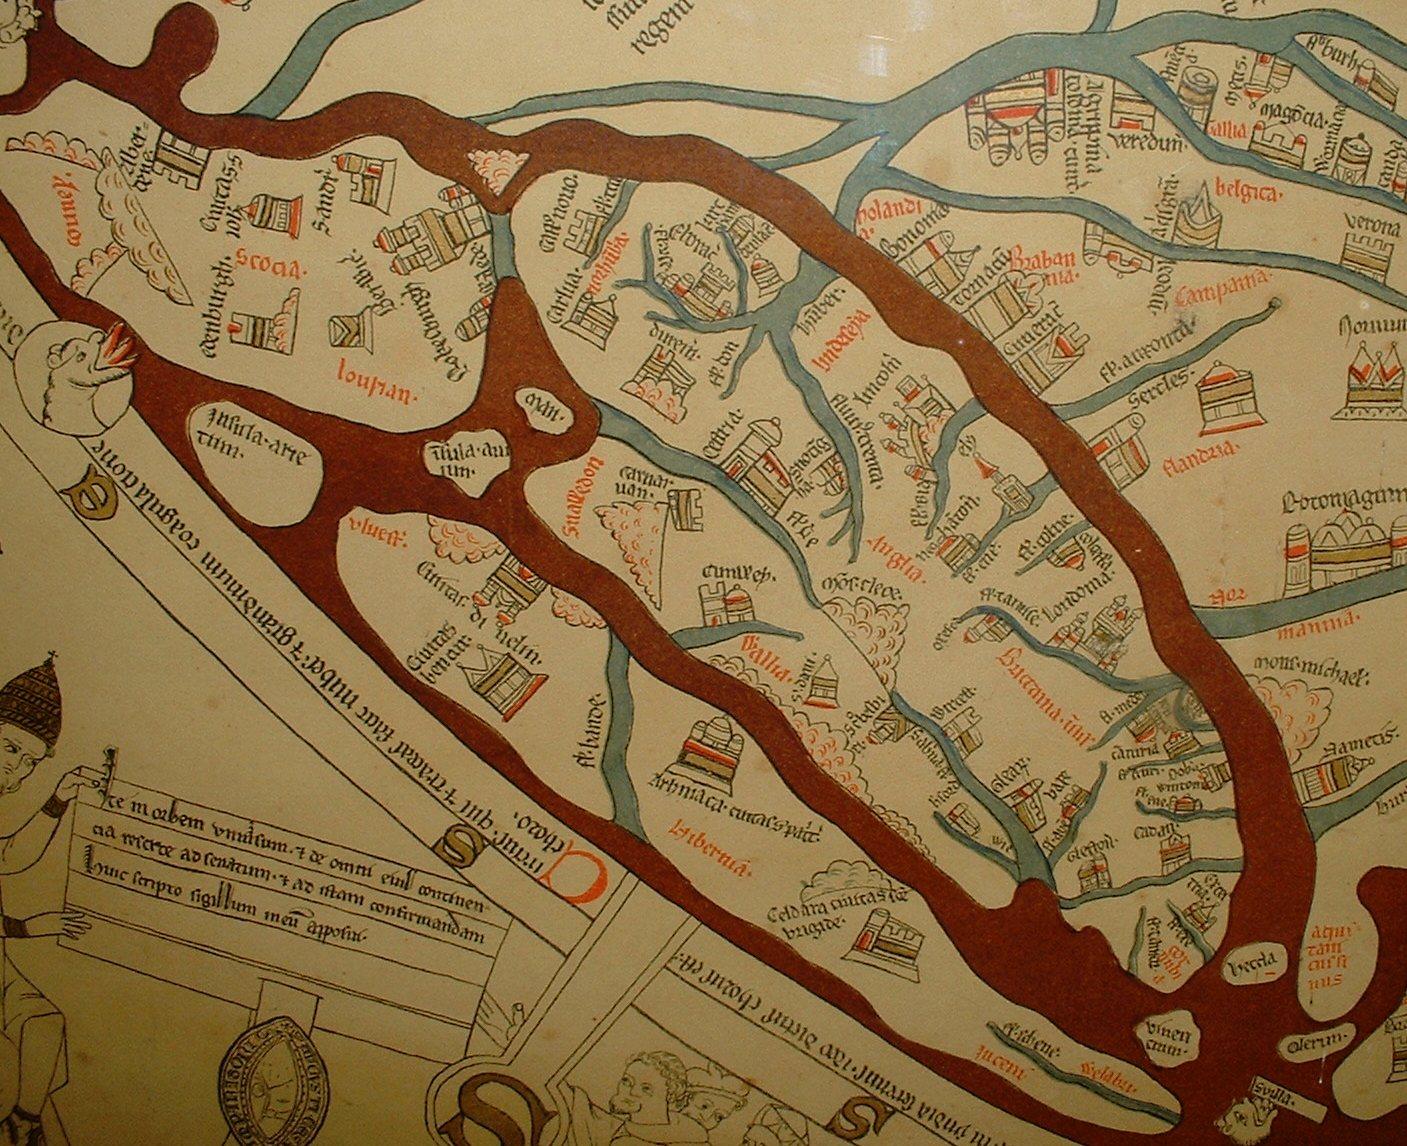 FileHereford Mappa Mundi Detail Britainjpg Wikimedia Commons - Map pa